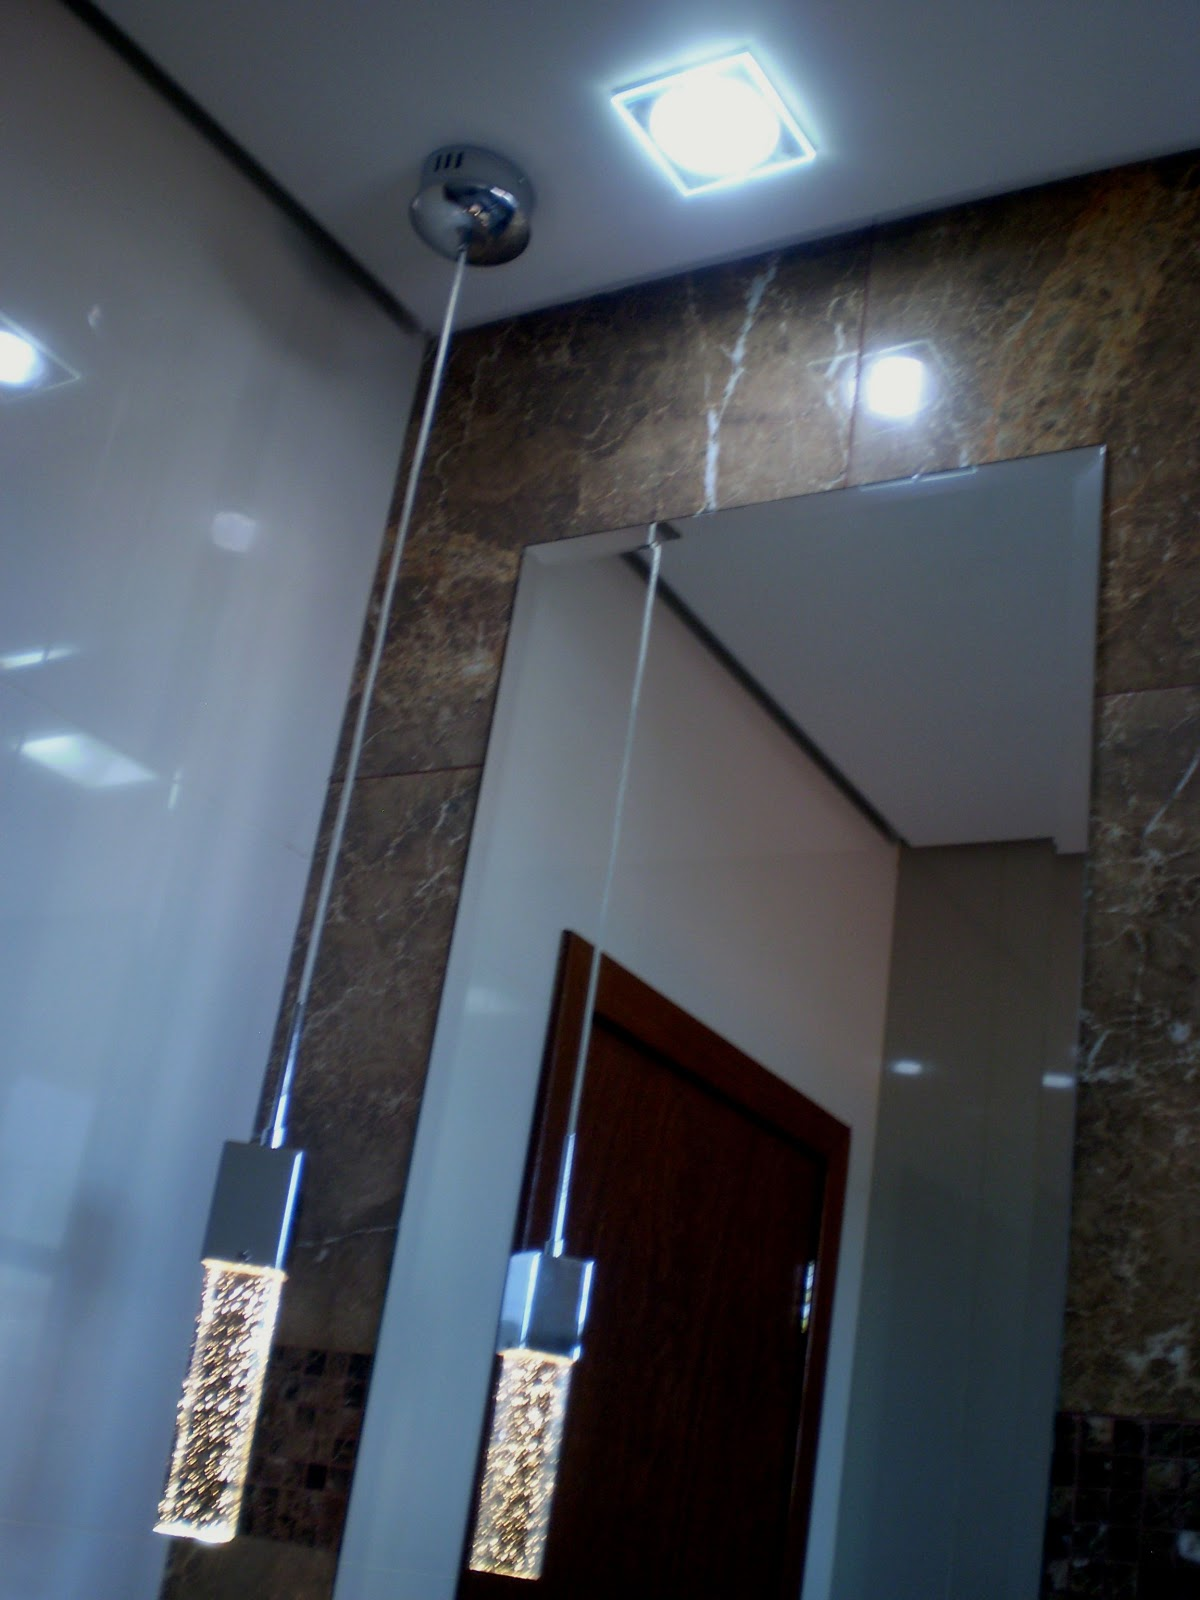 como não encostei o espelho na bancada tbm não encostei no teto #3B6A90 1200x1600 Bancada Banheiro Estreita